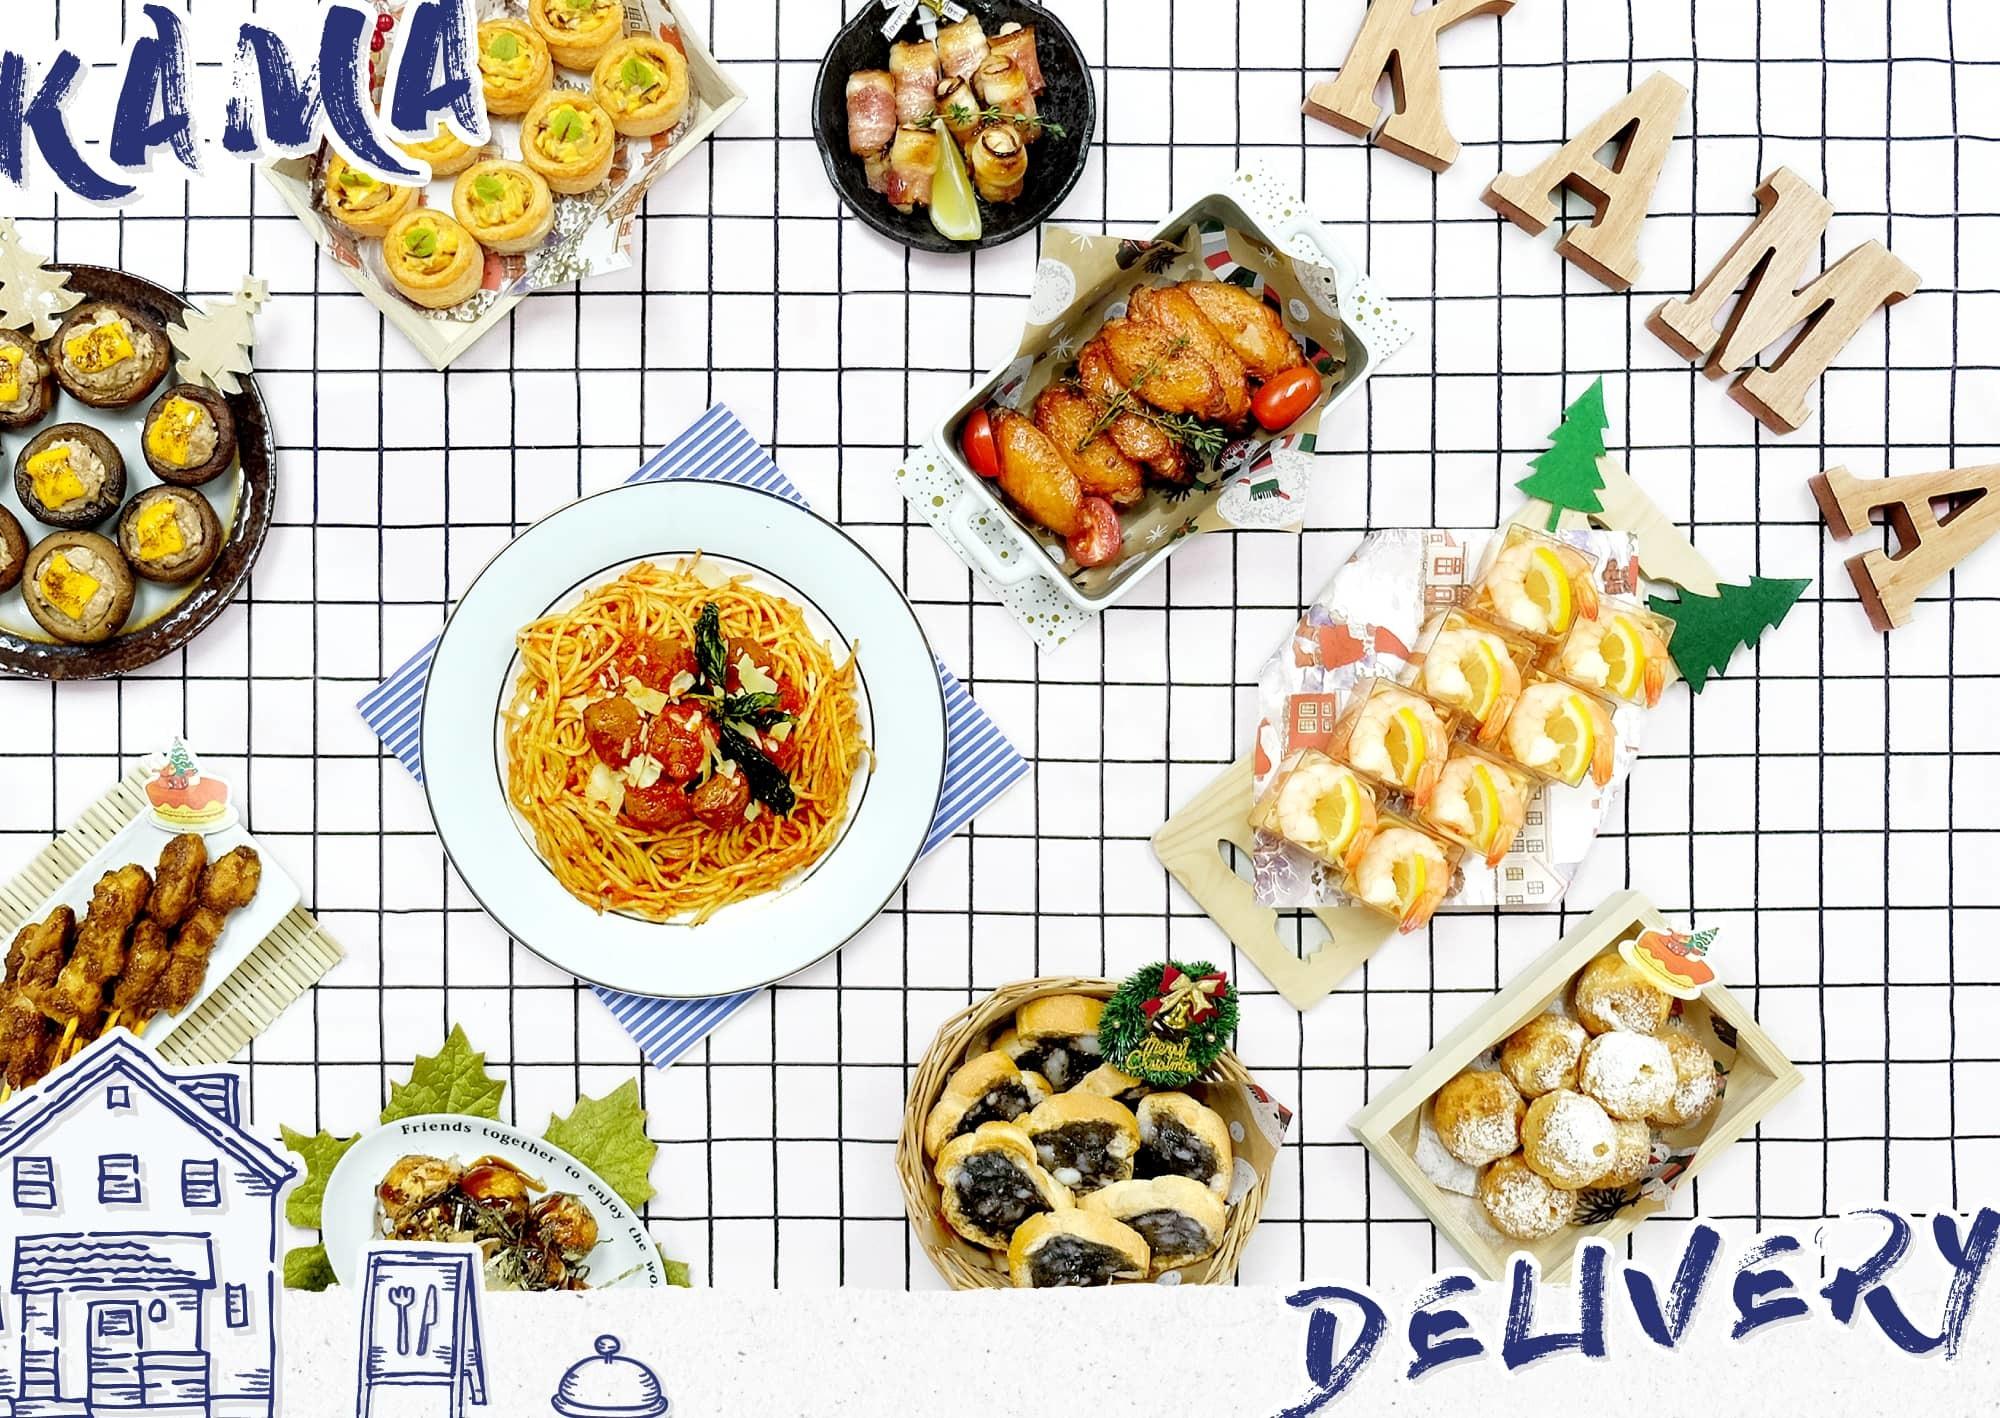 車公廟到會推介 Kama Delivery致力提供多元化到會外賣服務,為各大慶祝活動、商務場合、私人派對等送上各款美食!